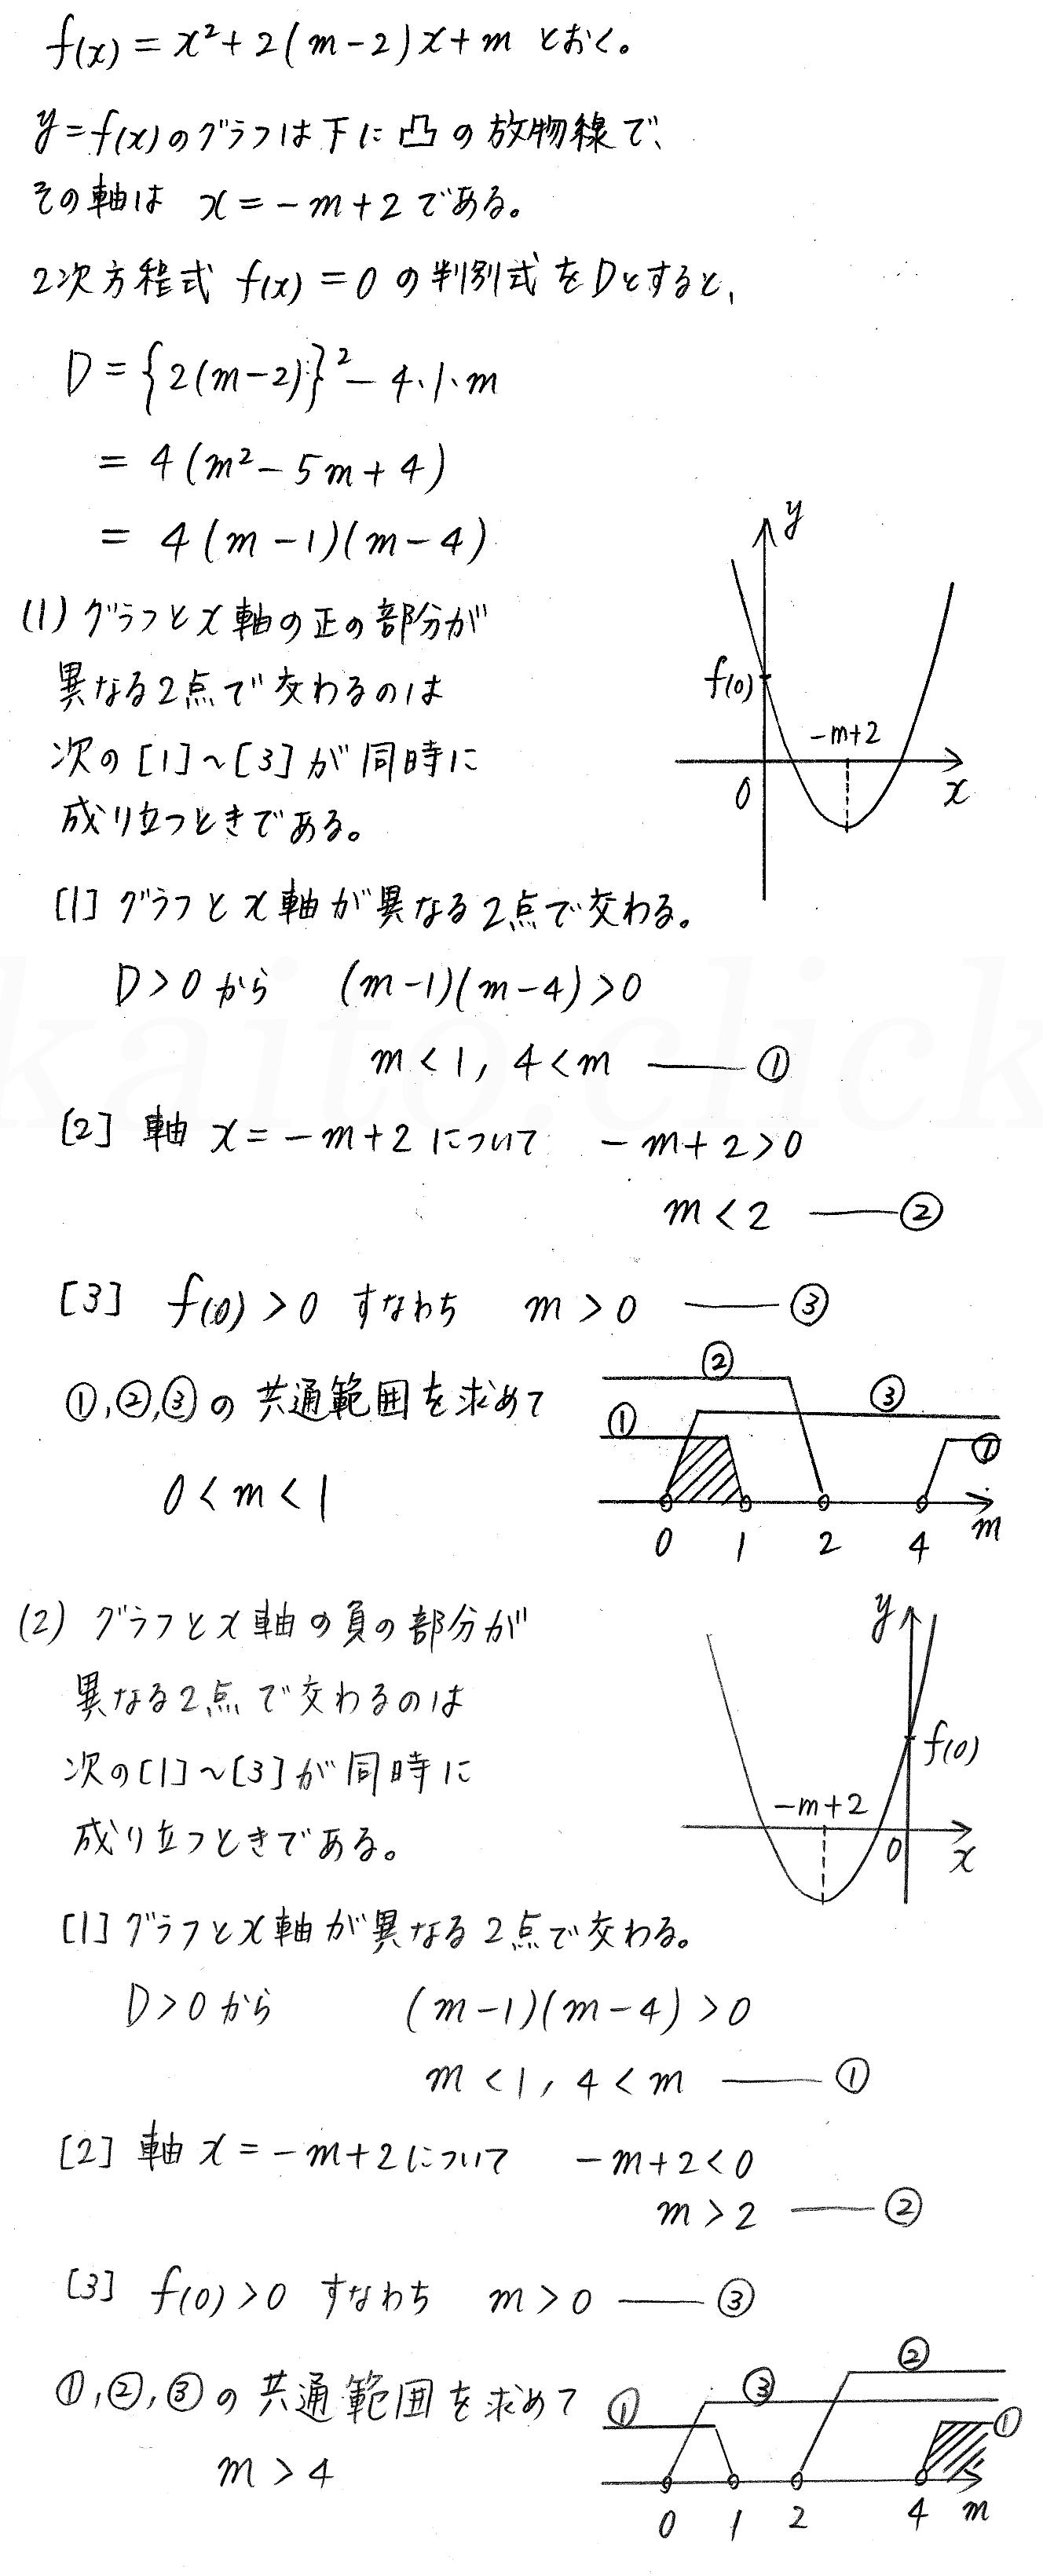 クリアー数学1-246解答